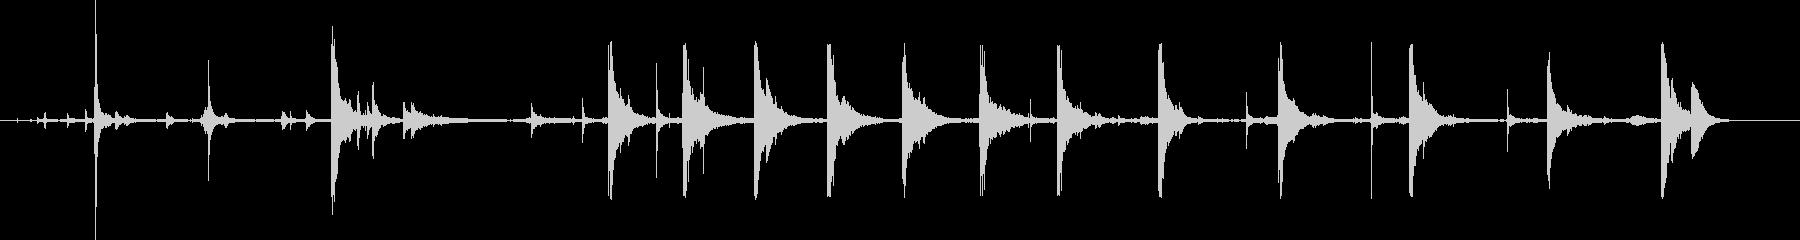 ケーブルクロス、アームエクササイズ...の未再生の波形